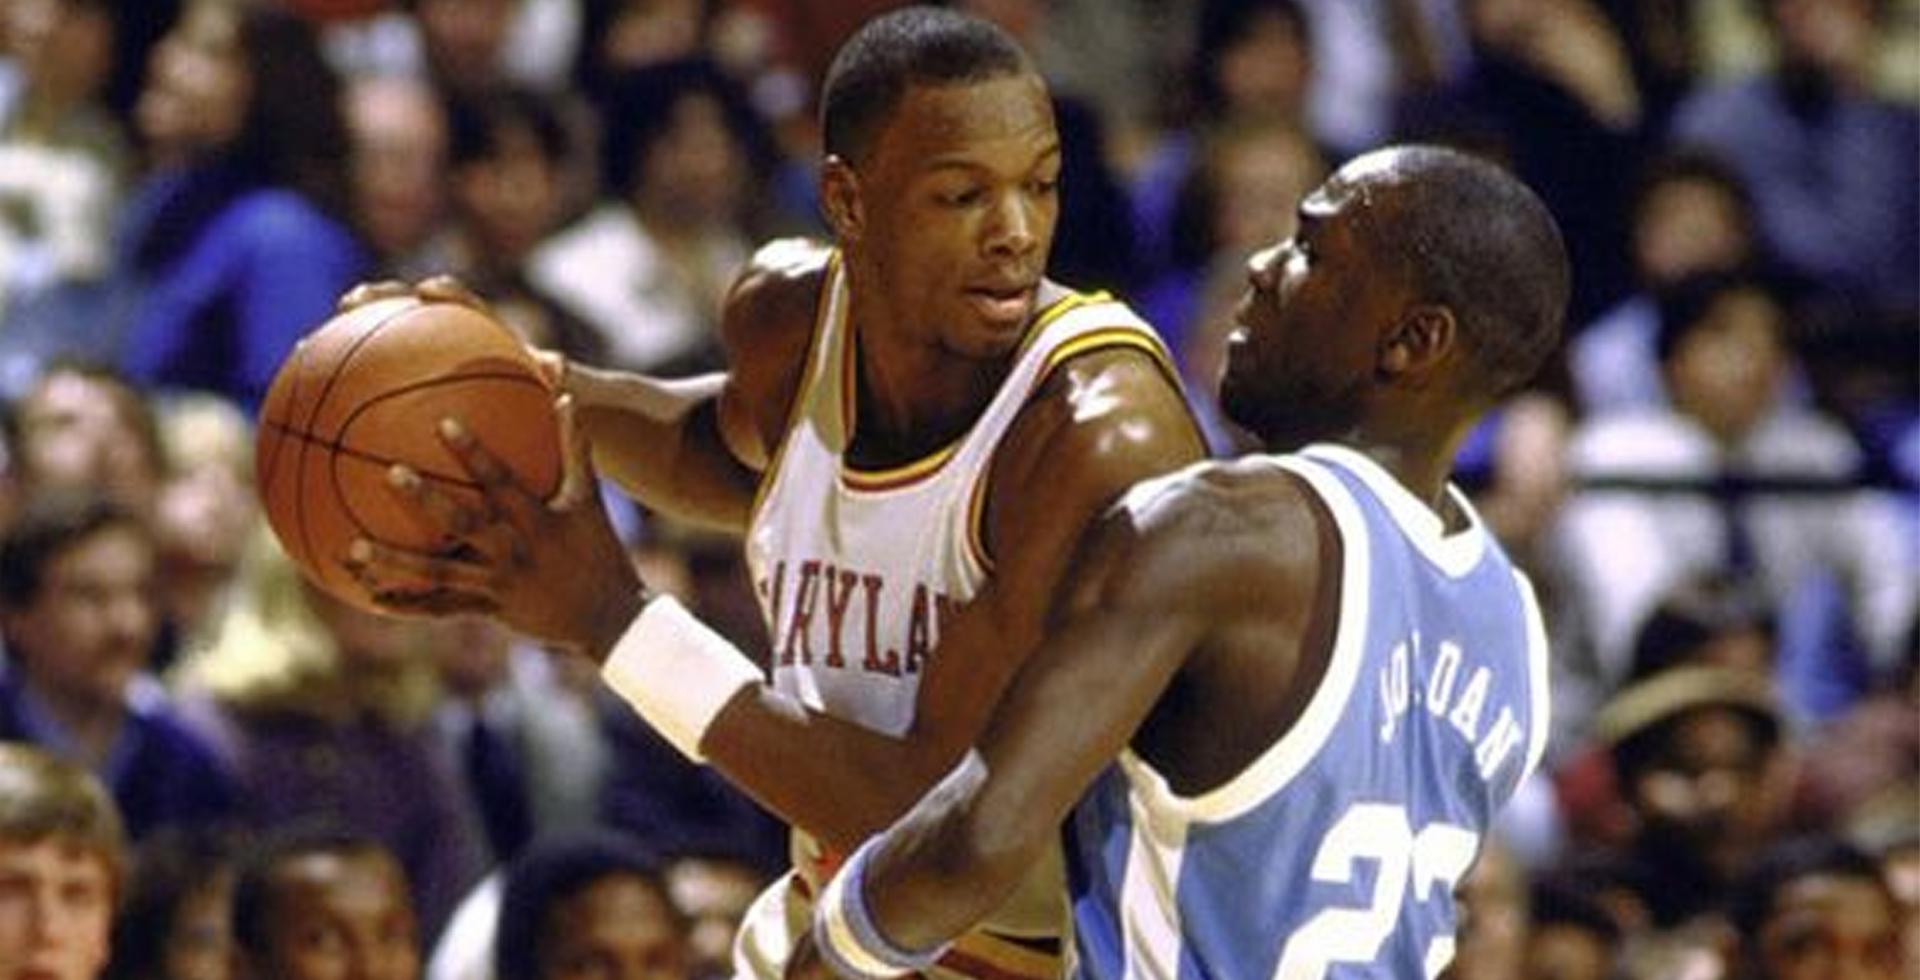 NBA leggenda Michael Jordan